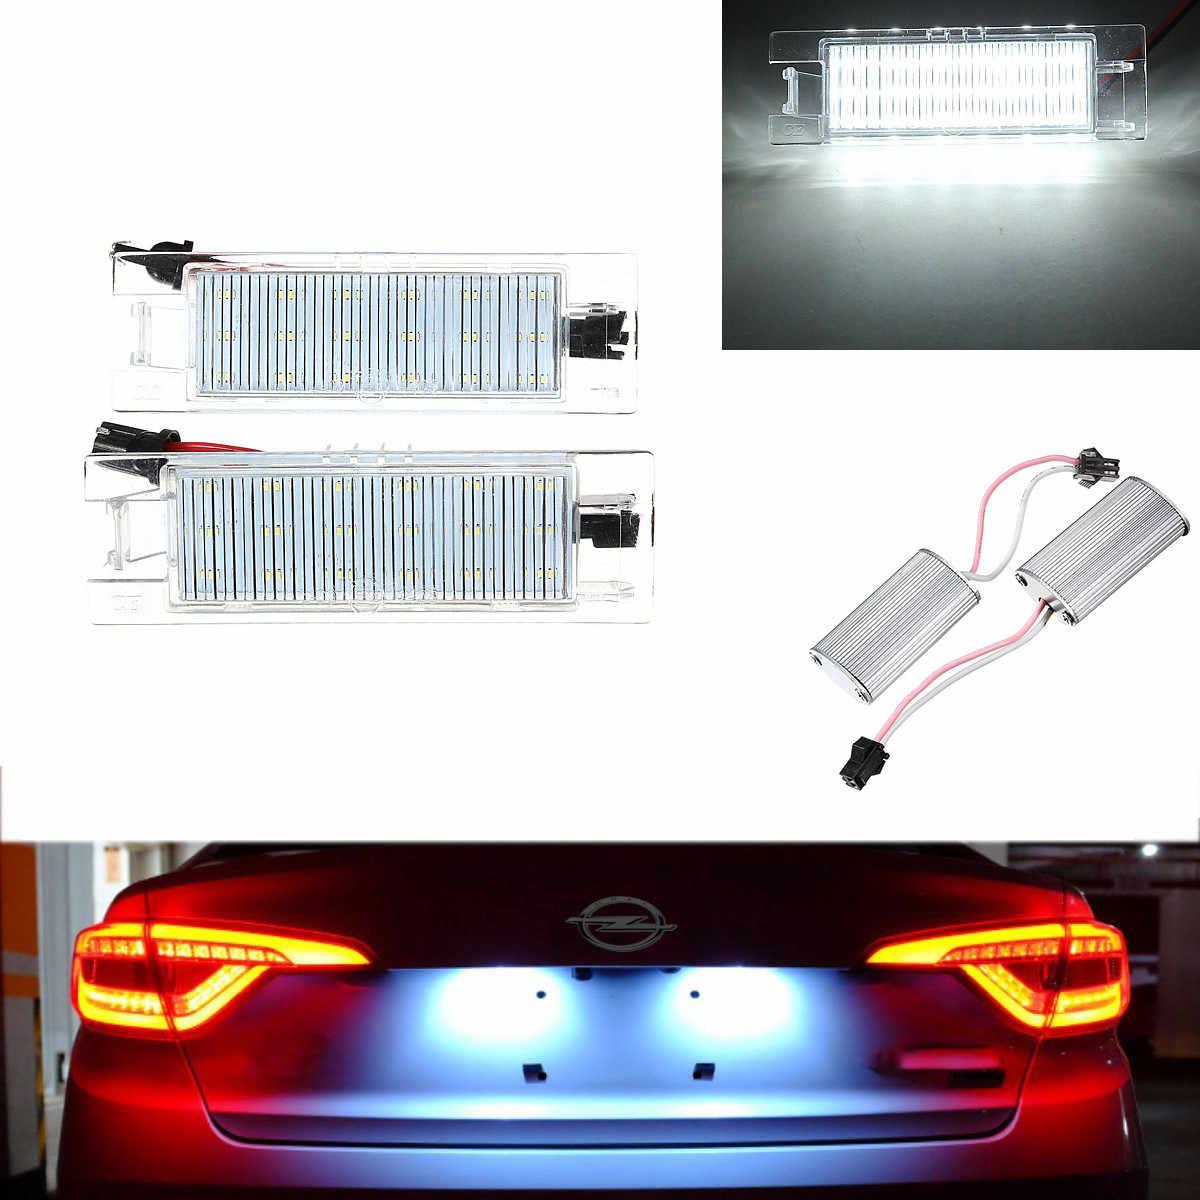 Nouvelle lampe à plaque d'immatriculation 18 éclairage de plaque d'immatriculation LED pour Vauxhall/Opel/Corsa C D pour Astra H J pour Insignia